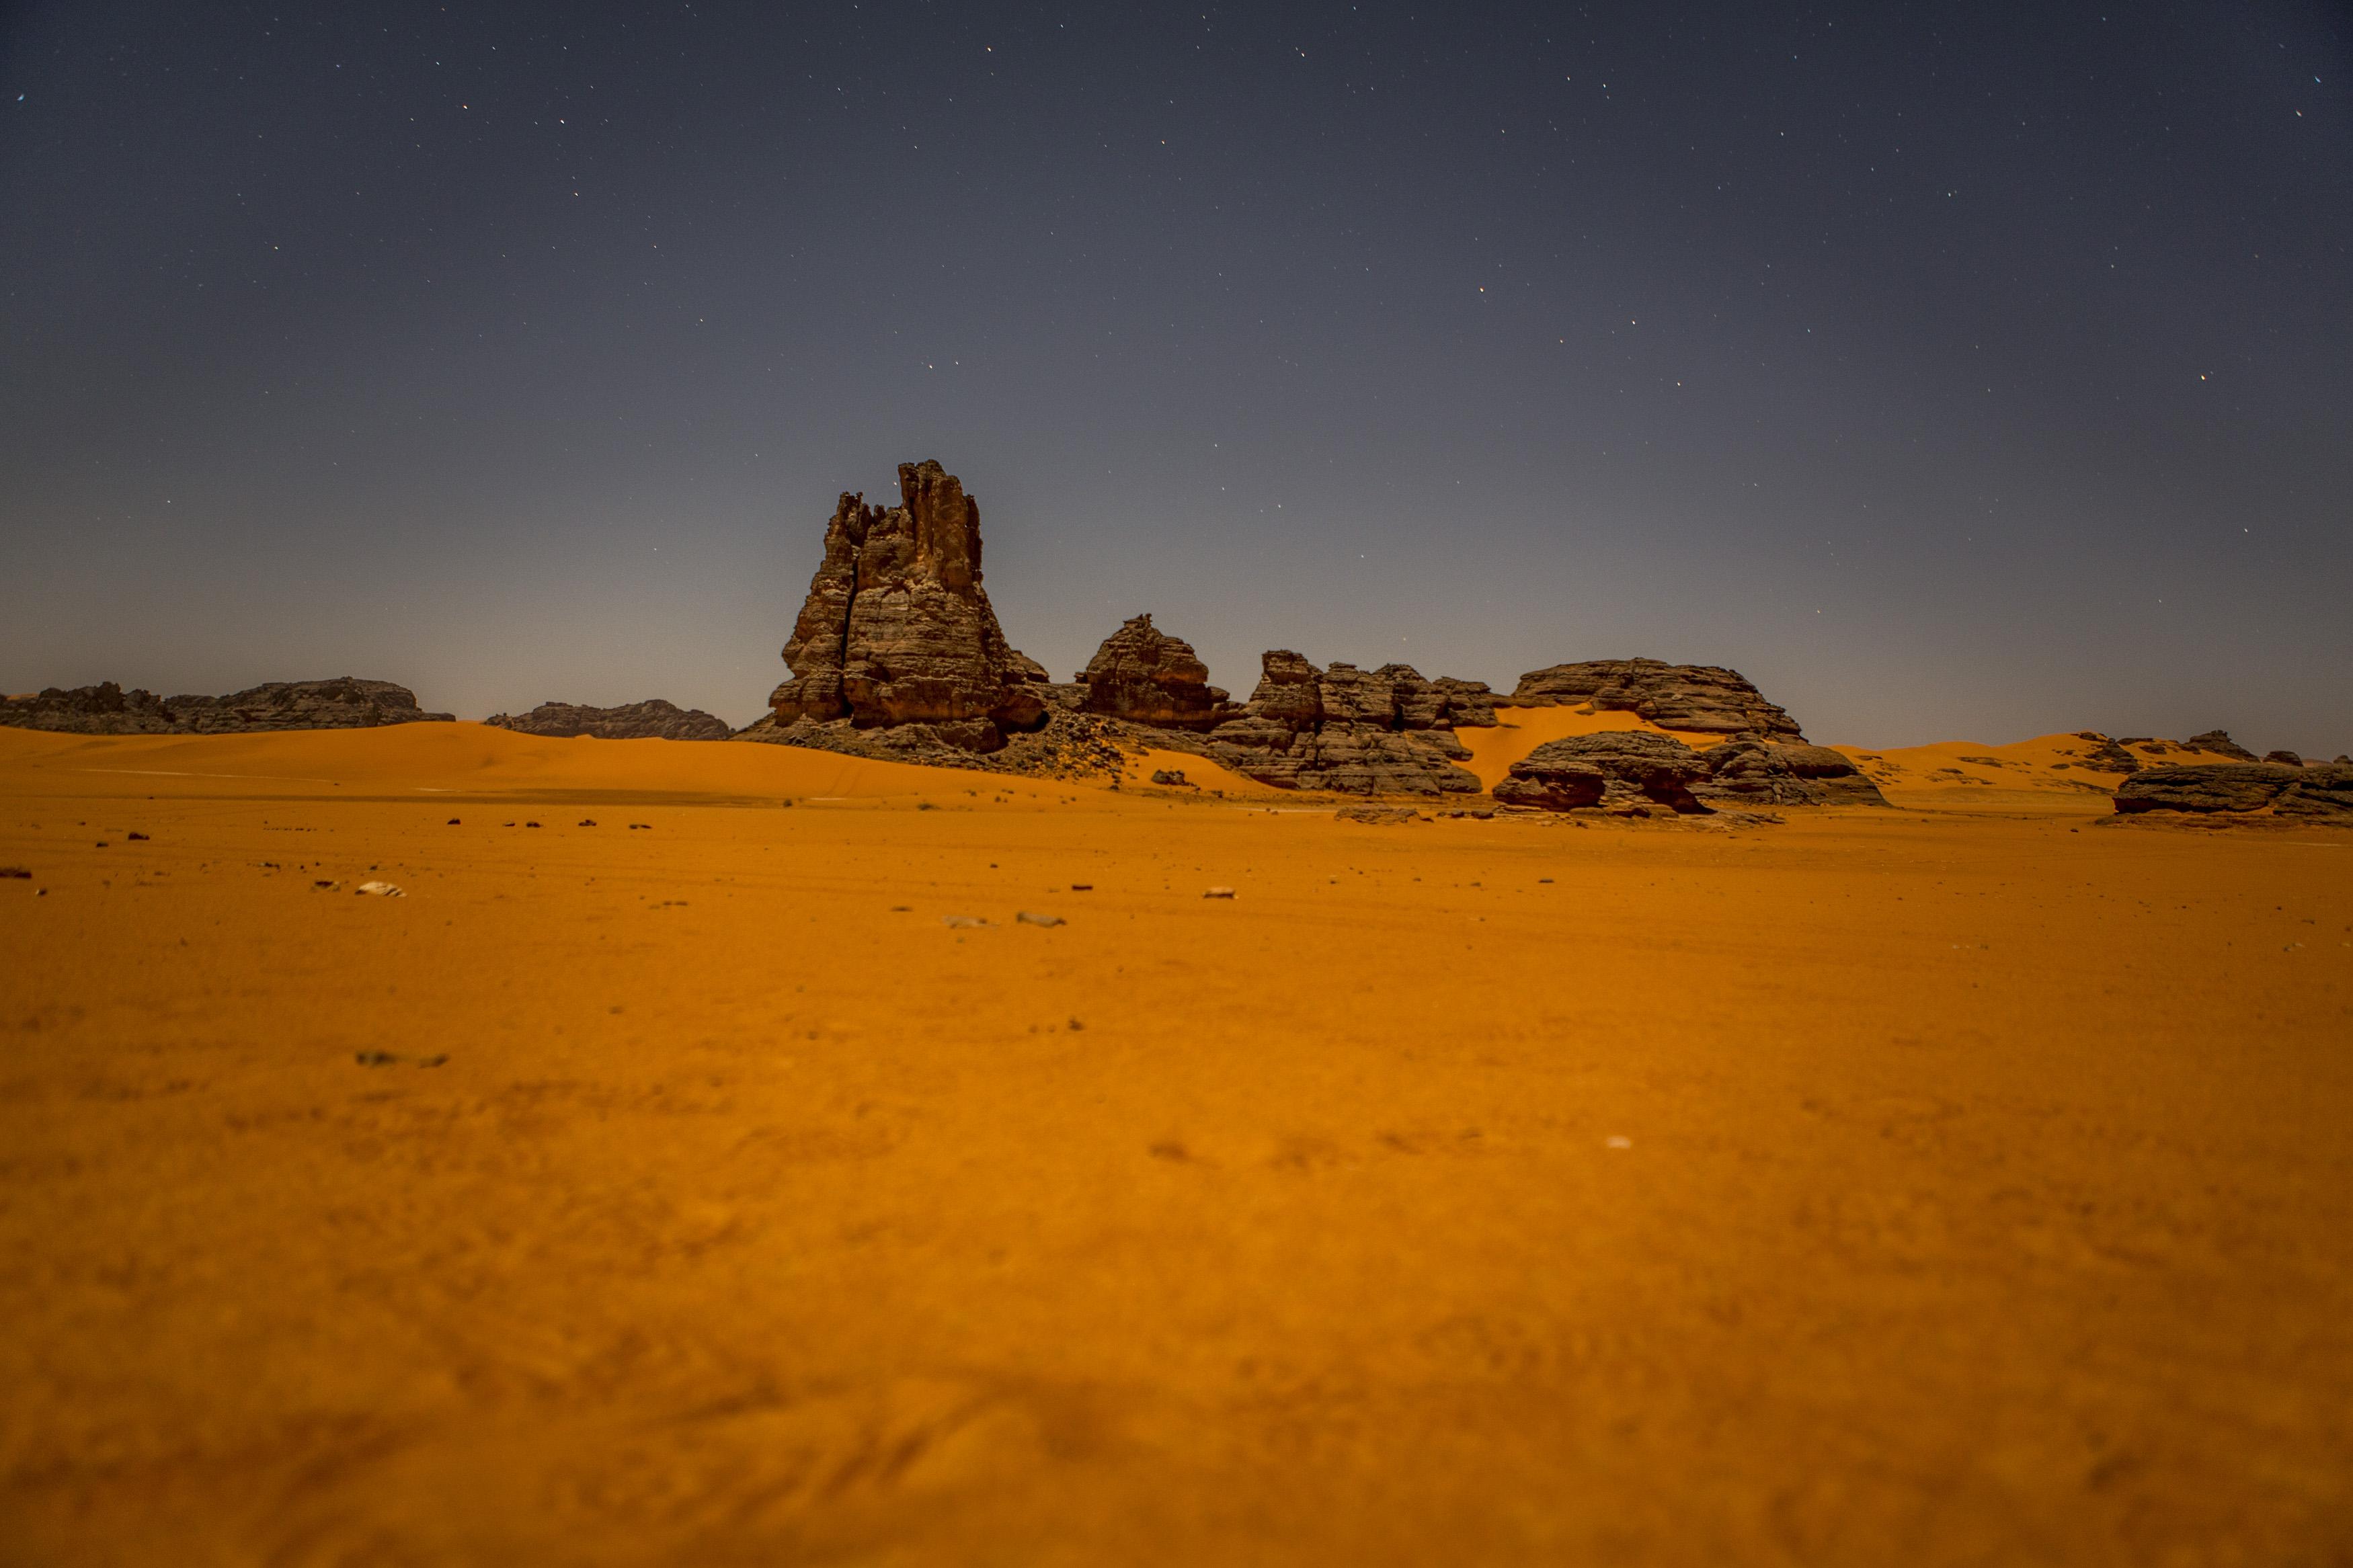 Night landscape in the Tadrart. The Tadrart (200 km southeast of Djanet) is located in the south of the Tassili N'Ajjer National Park and is part of one of the most beautiful deserts in the world but above all in the central Sahara.From huge canyons to cliffs carved with rocky peaks of various shapes mix with dunes of colored sand with yellow and red reflections. La Tadrart, Algeria-February 9, 2017.Paysage de nuit dans la Tadrart. La Tadrart (200 km au sud-est de Djanet) se situe dans le sud du Parc National du Tassili N'Ajjer et il fait partie d'un des plus beau désert au monde mais avant tout du Sahara central. D'immenses canyons aux falaises sculptées avec de pitons rocheux aux formes les plus diverses  se mélangent avec des dunes de sable coloré aux reflets jaune et rouge. La Tadrart, Algérie-9 février 2017.